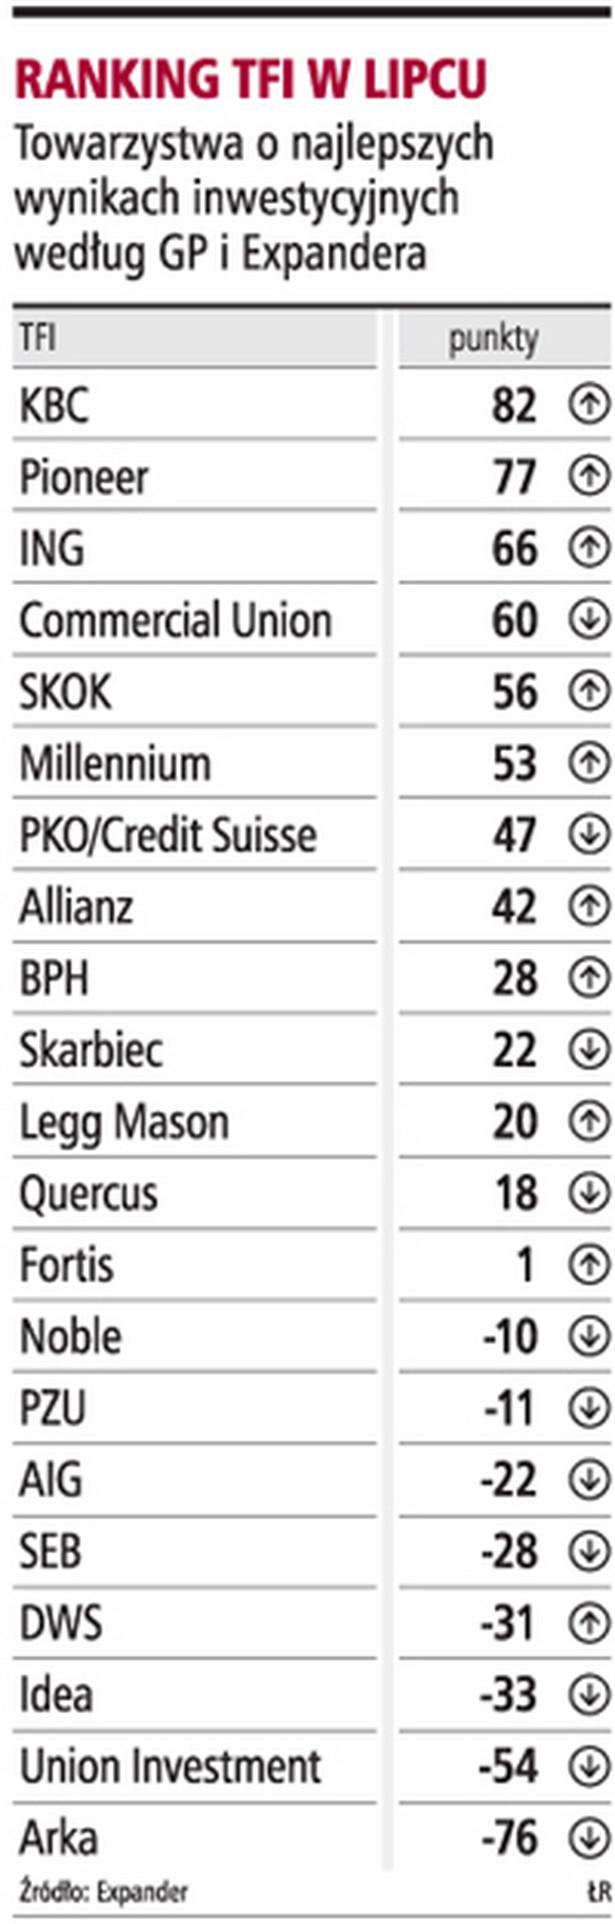 Ranking TFI w lipcu